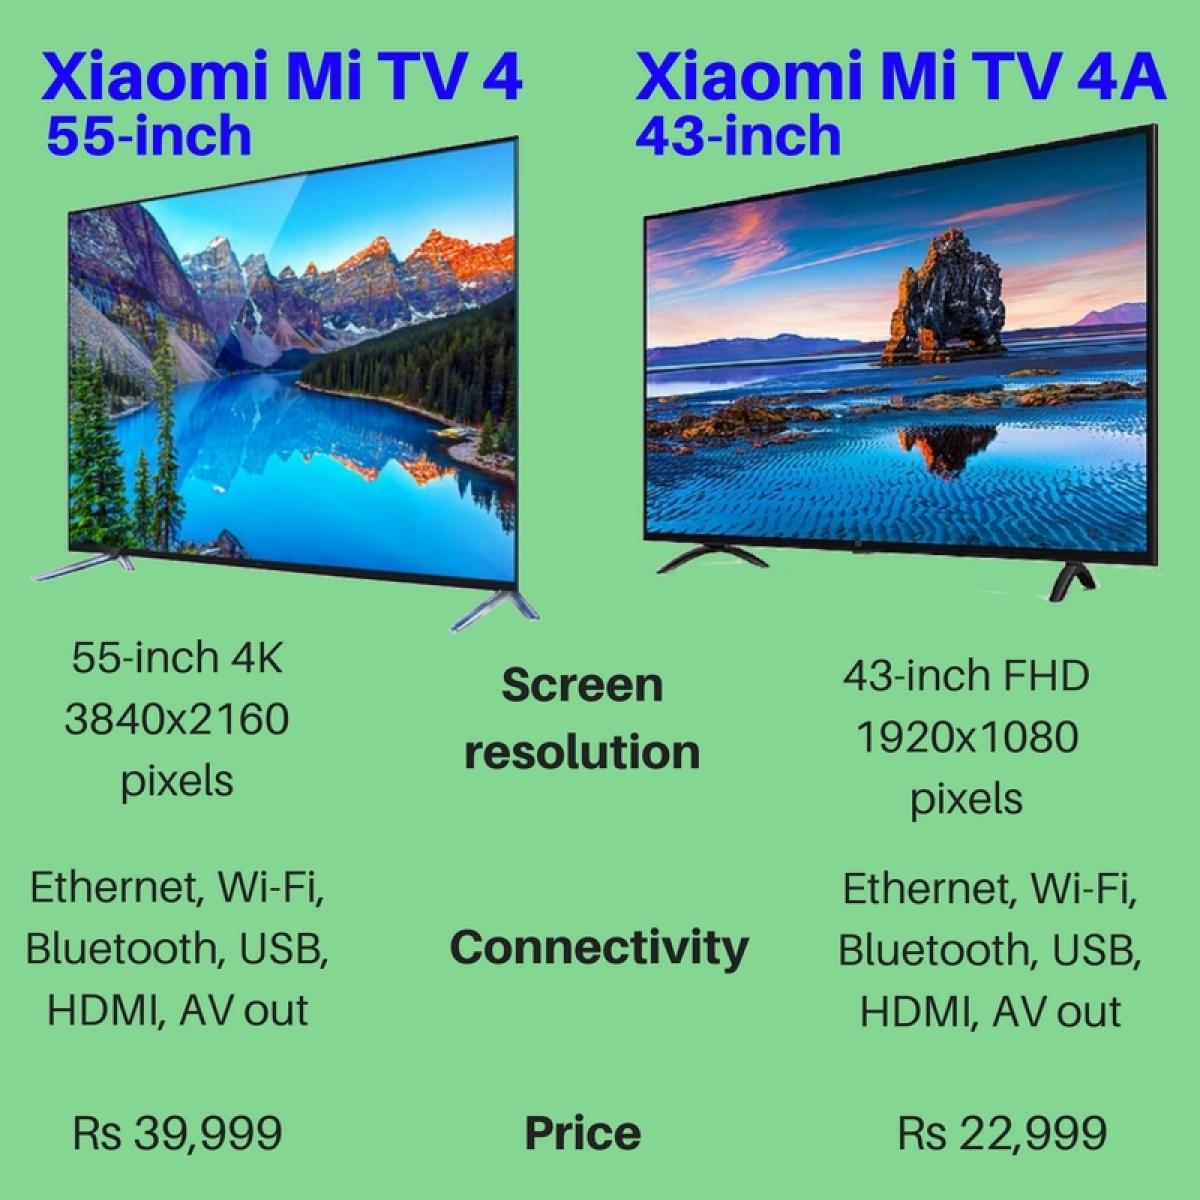 Mi TV 4A Sale Today: Xiaomi Mi TV 4 & Mi TV 4A Comparison